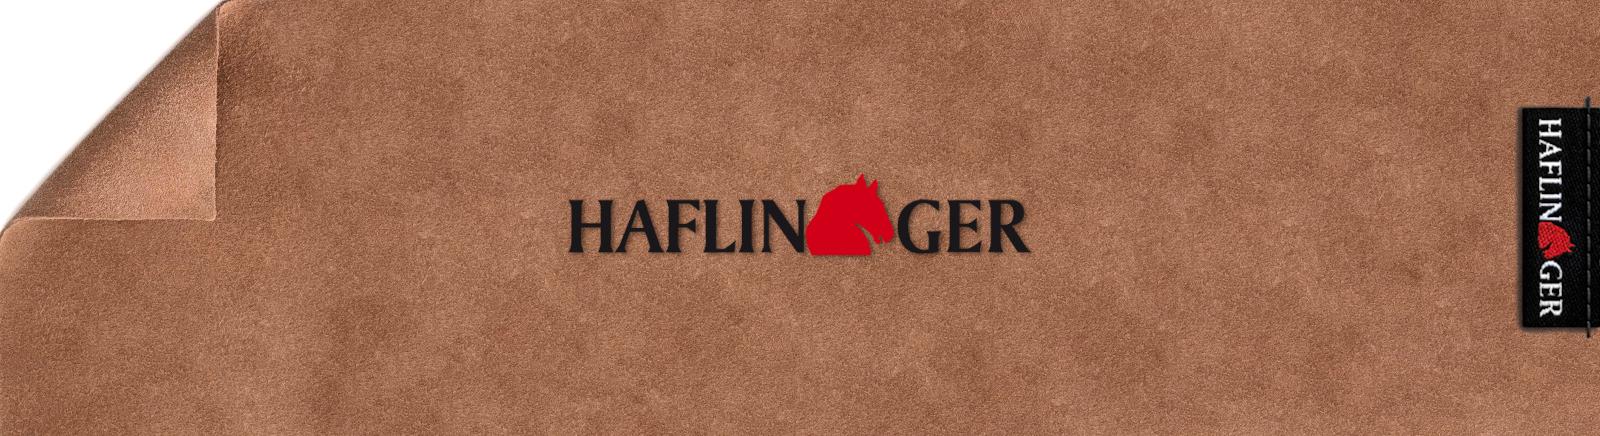 Haflinger Herrenschuhe online kaufen im Shop von GISY